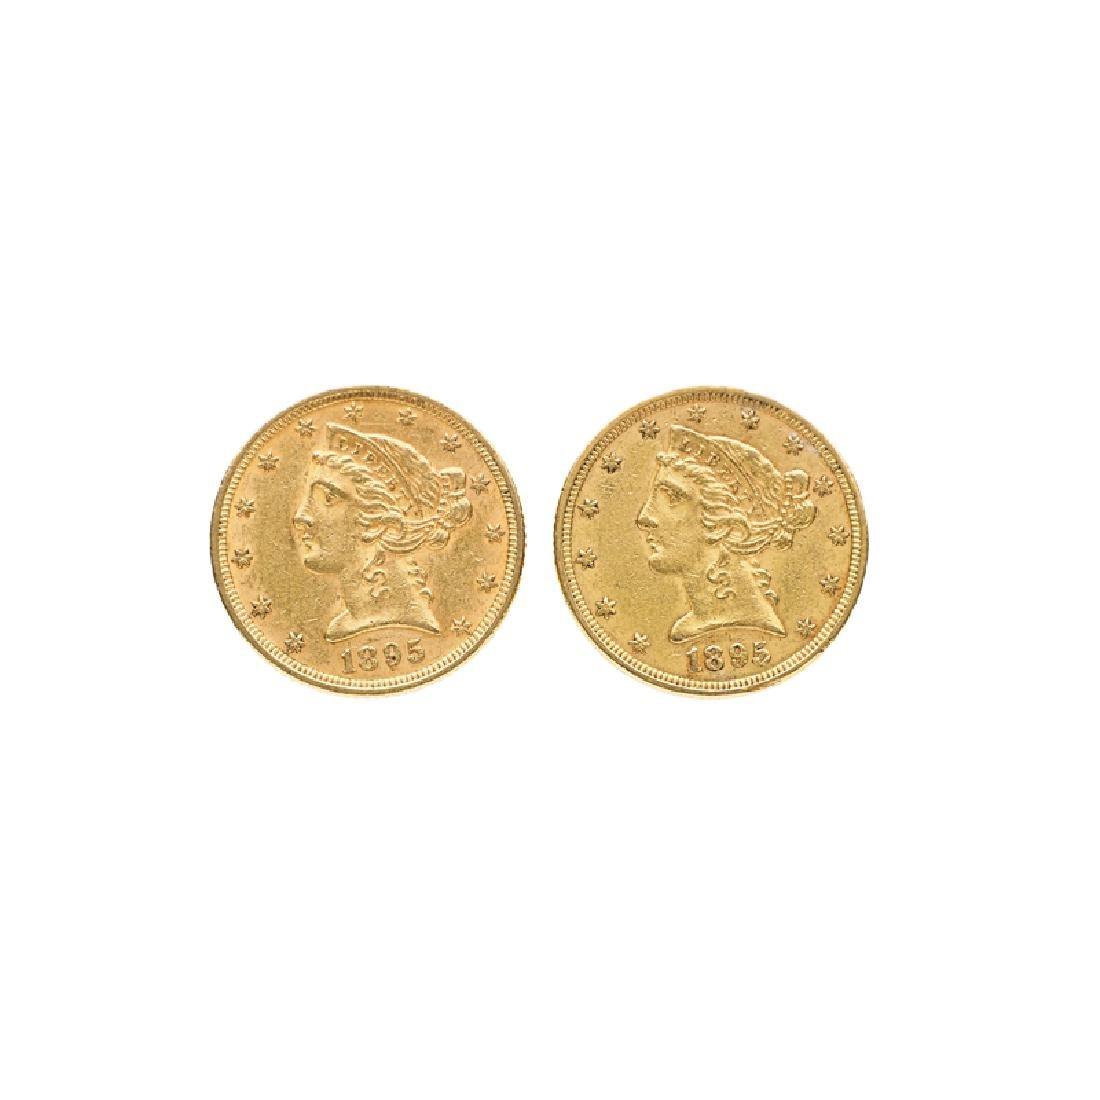 U.S. $5.00 LIBERTY HEAD GOLD COINS